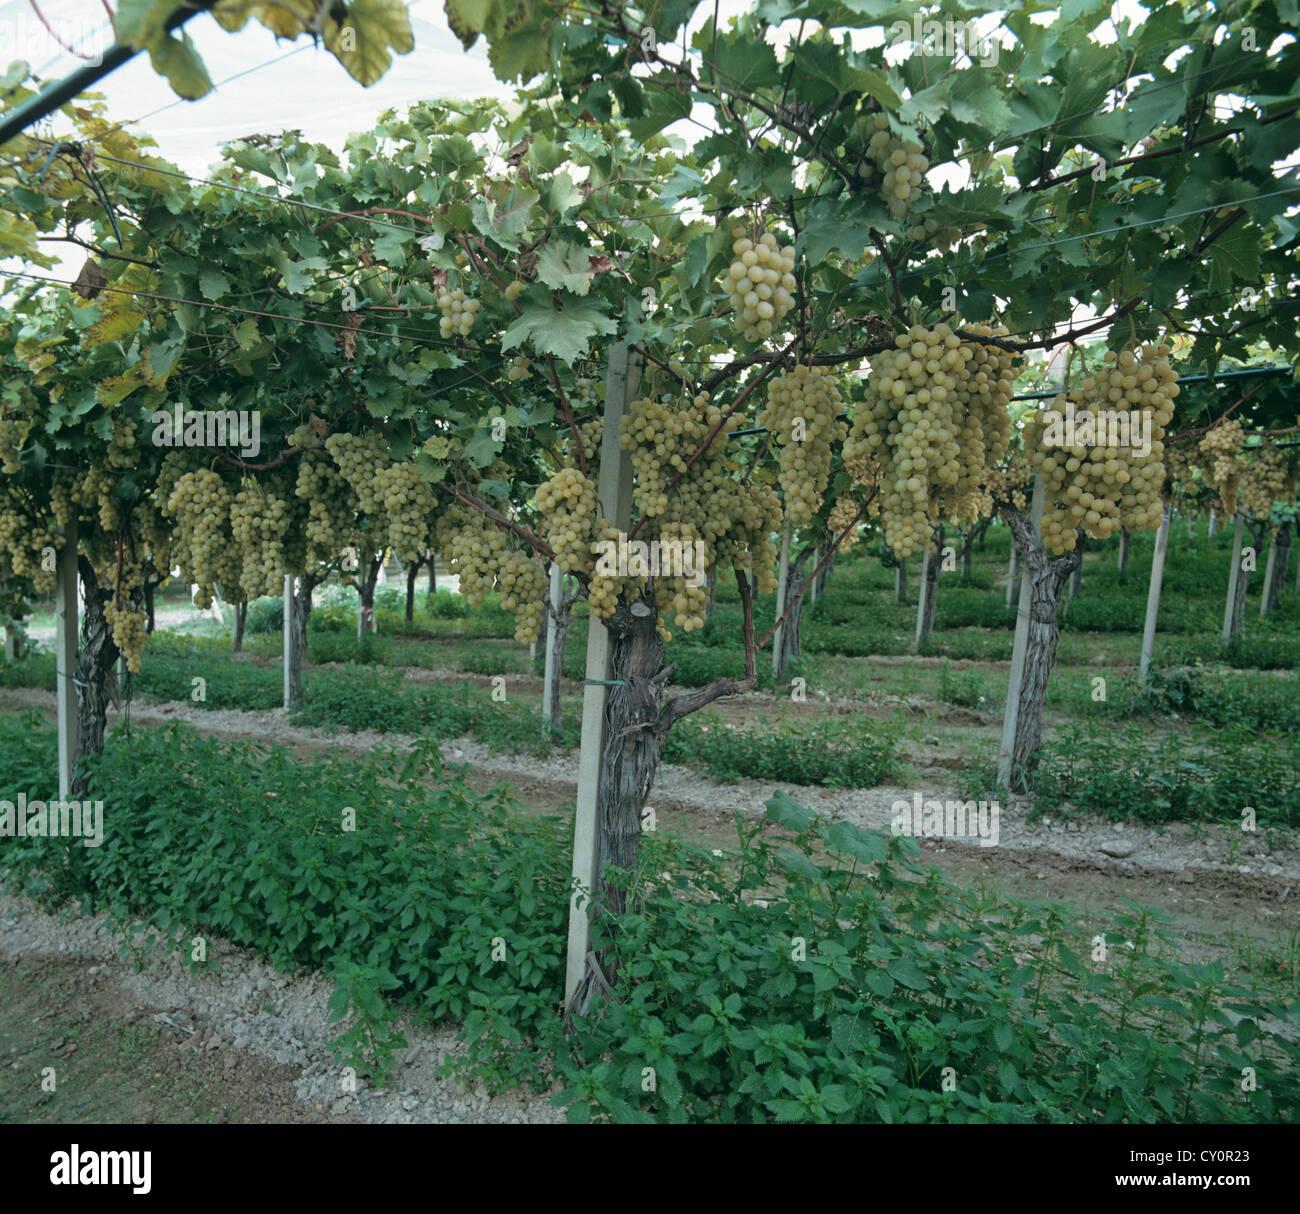 Les raisins de table, les treillis en polyéthylène sous en Sicile Photo Stock